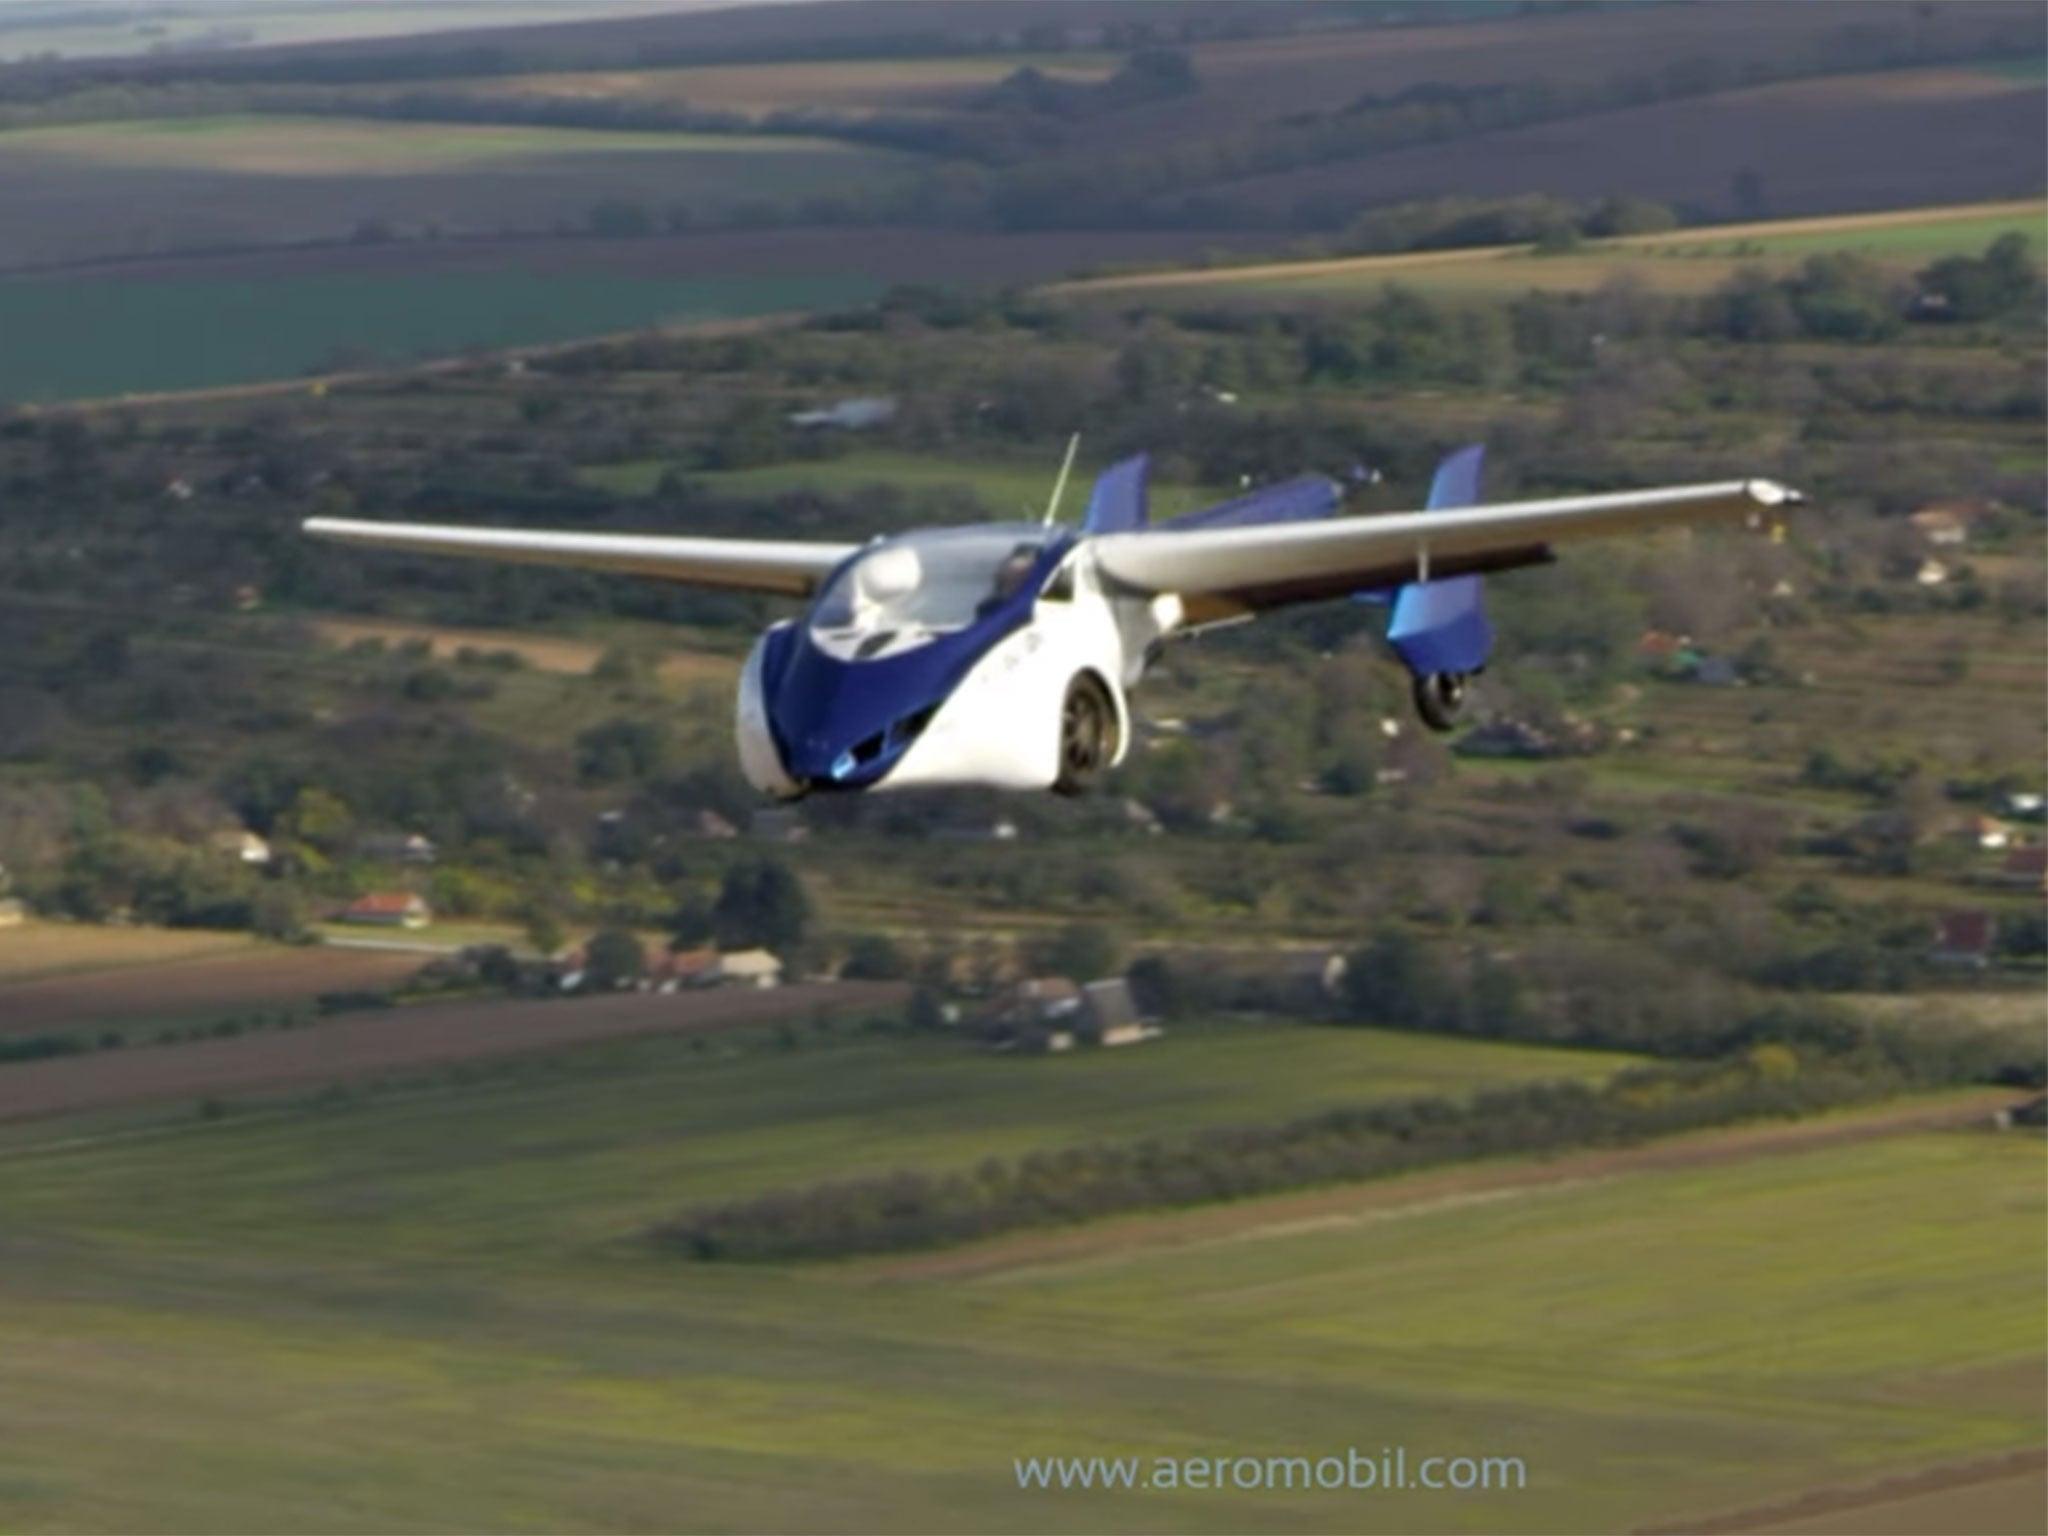 Aeromobil Flying Car Prototype Crashes